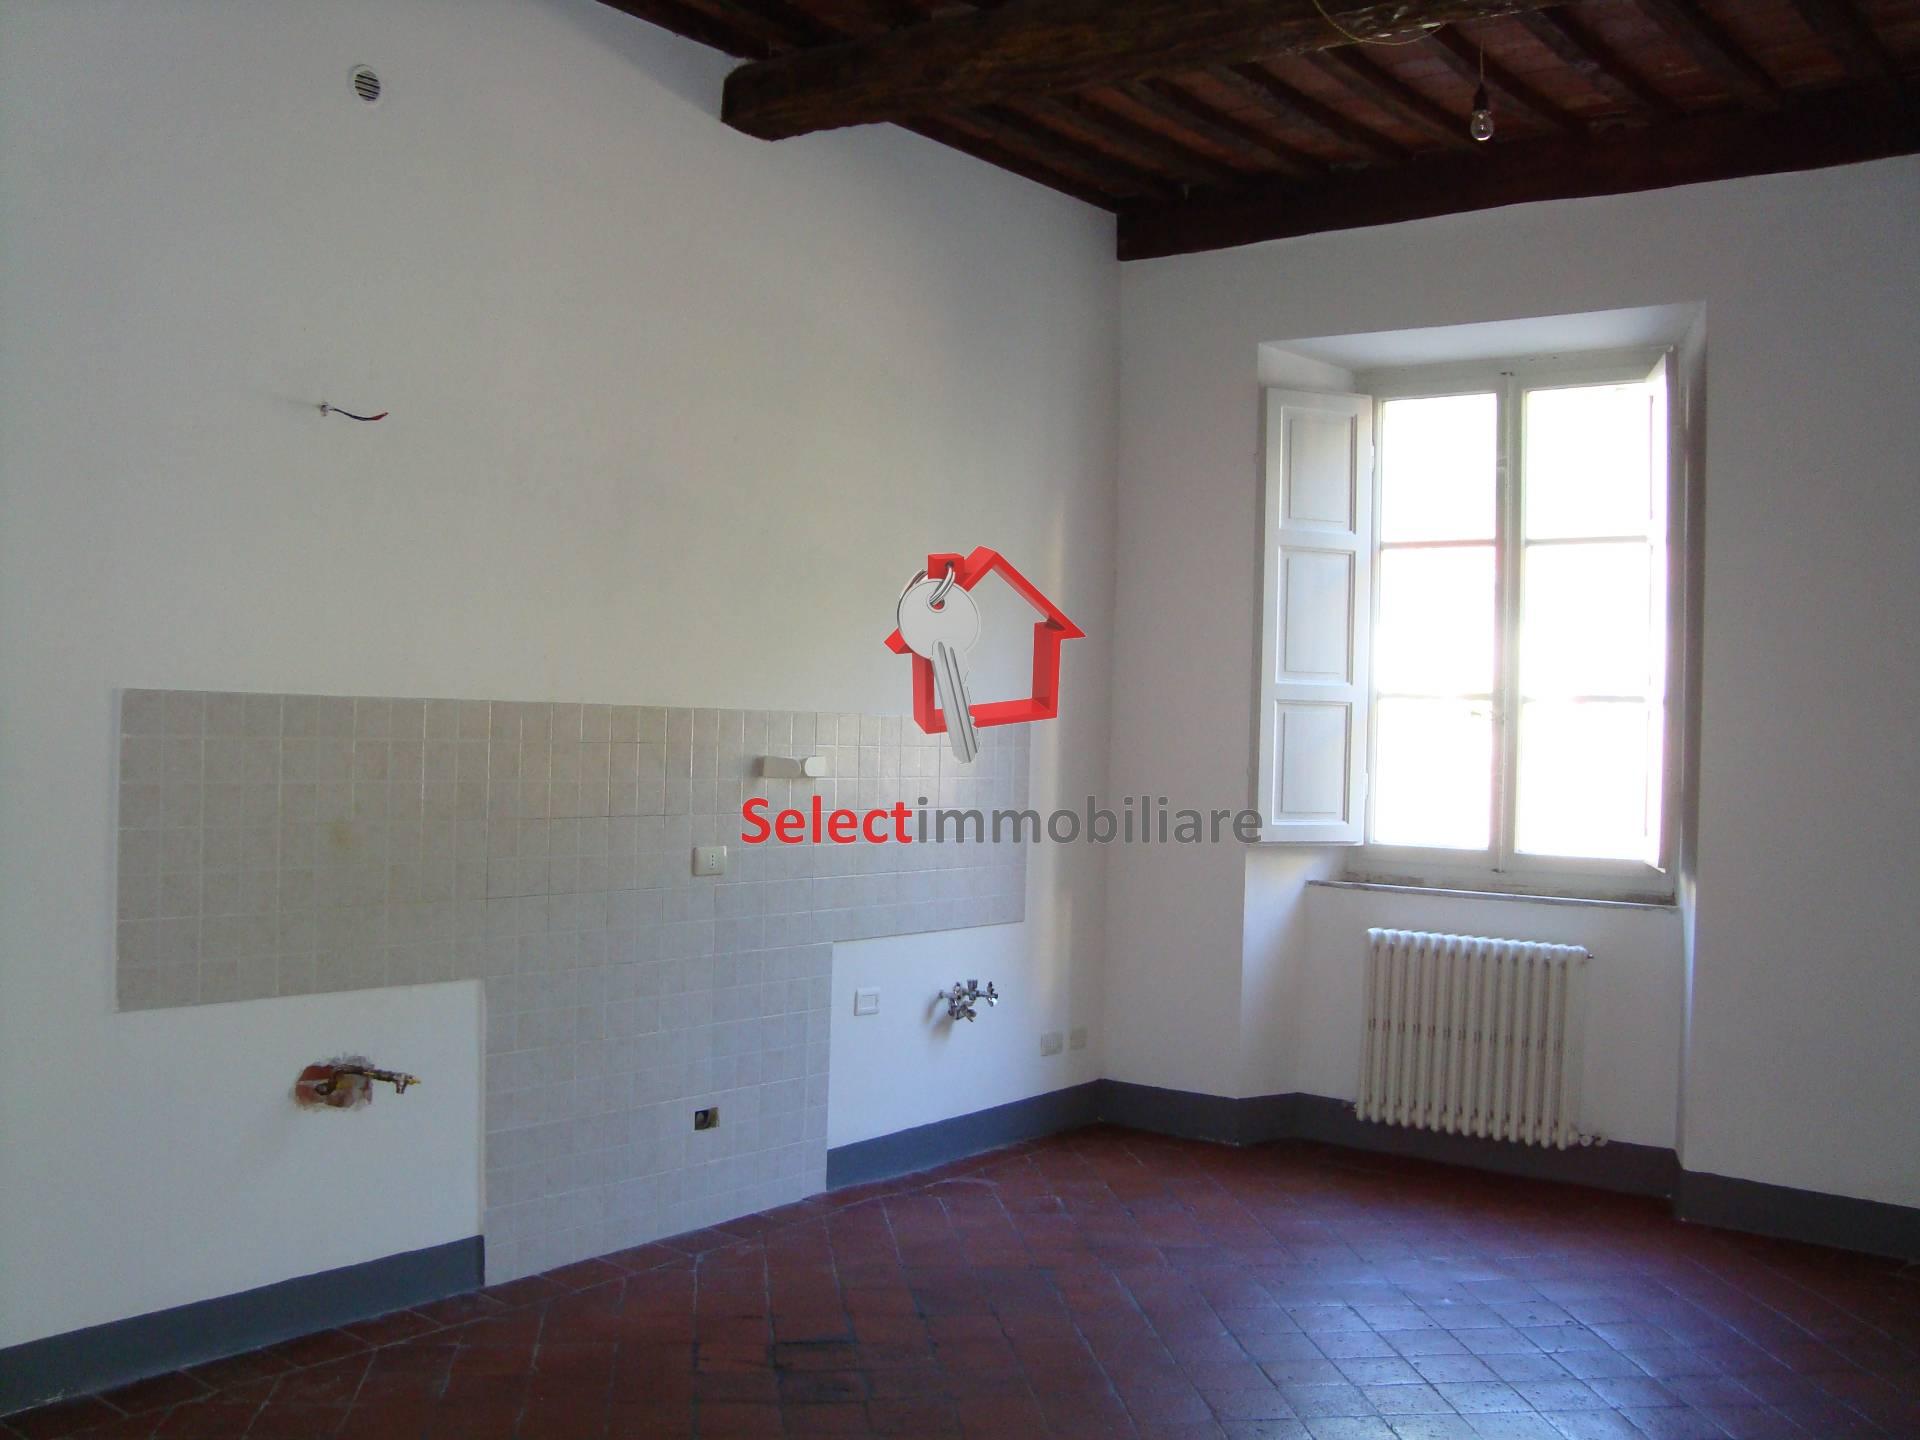 Appartamento in affitto a Borgo a Mozzano, 5 locali, zona Località: capoluogo, prezzo € 550 | CambioCasa.it